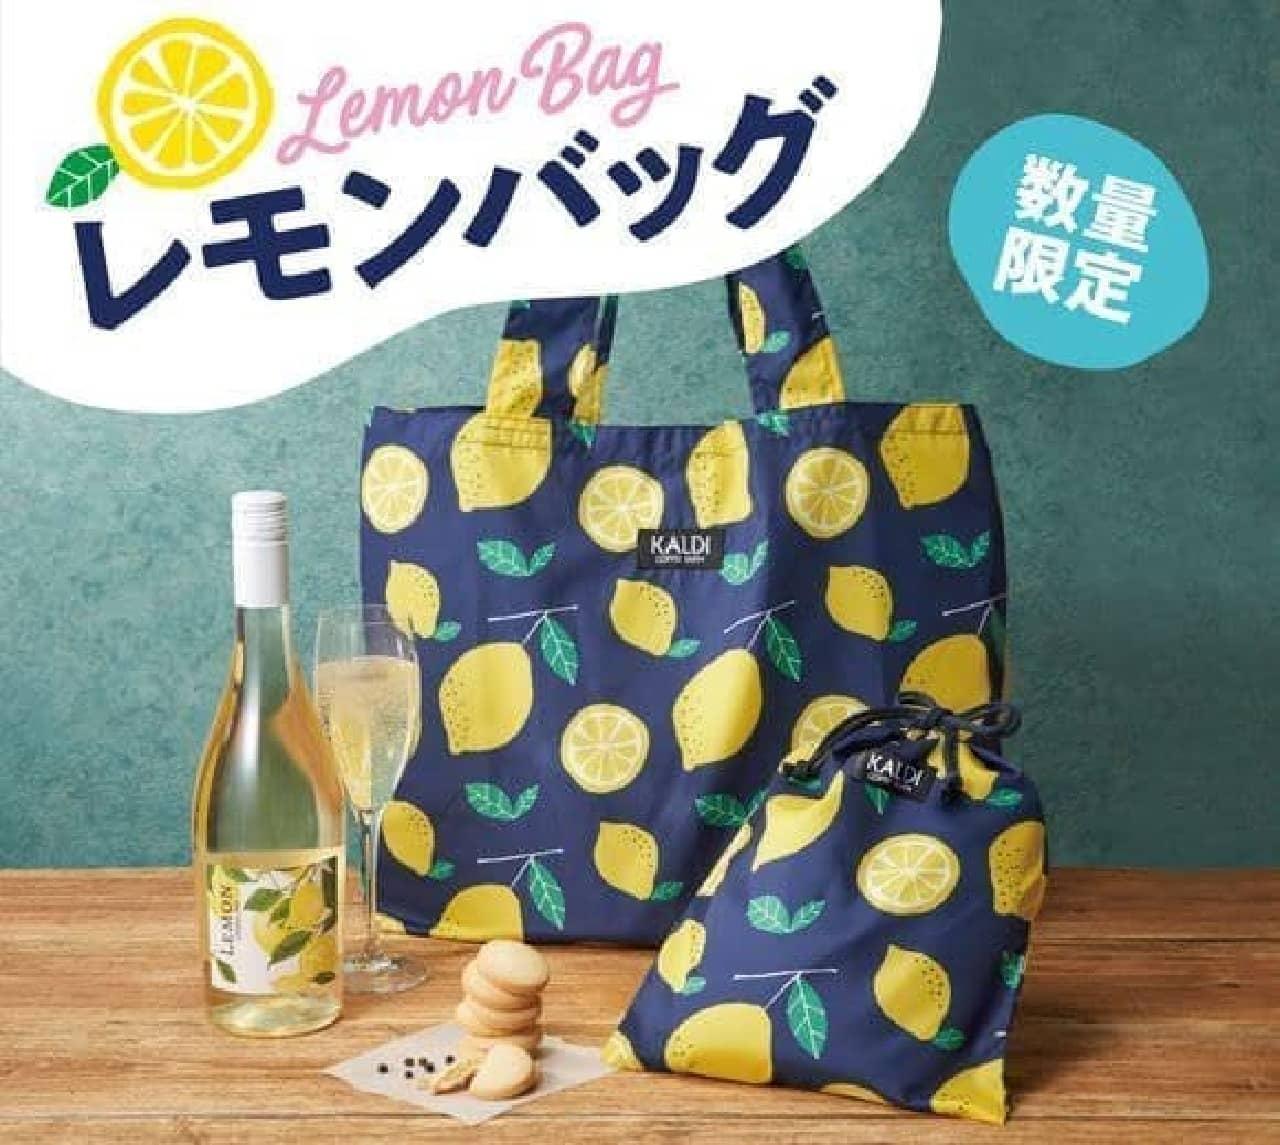 カルディ「レモンバッグ」